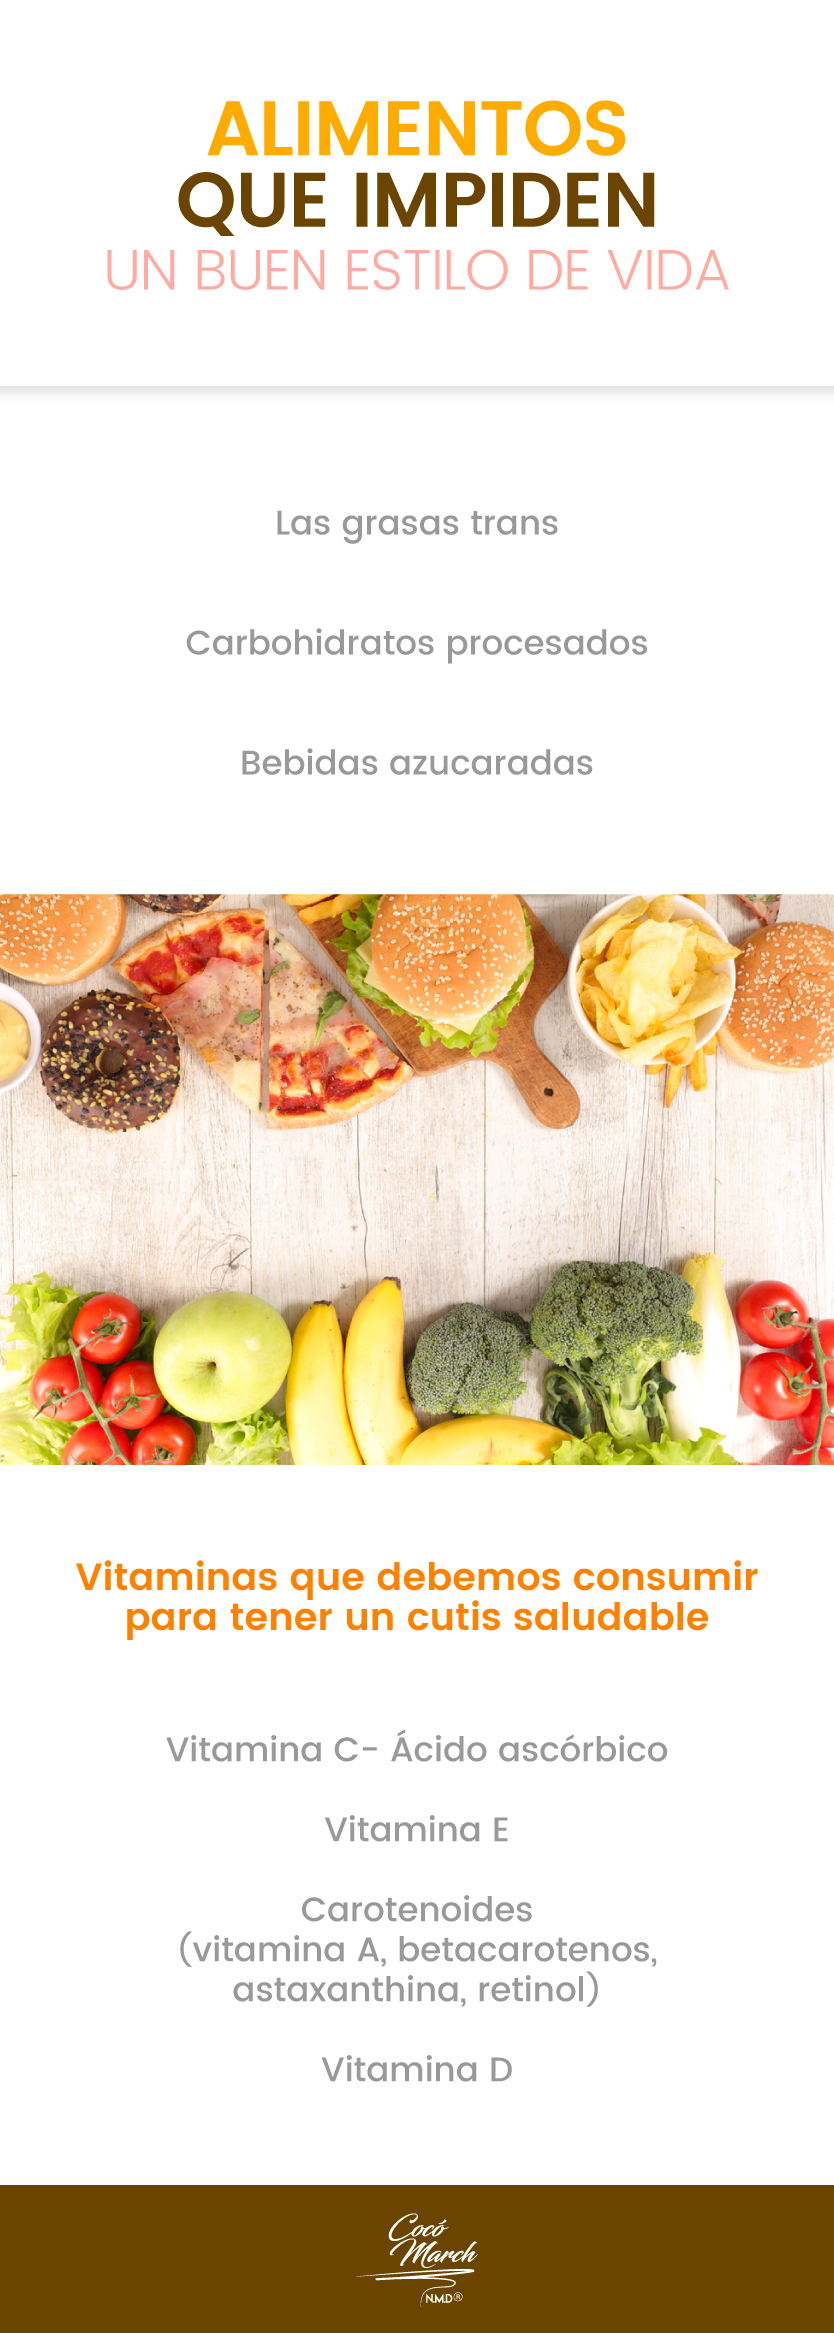 alimentos-que-impiden-un-buen-estilo-de-vida